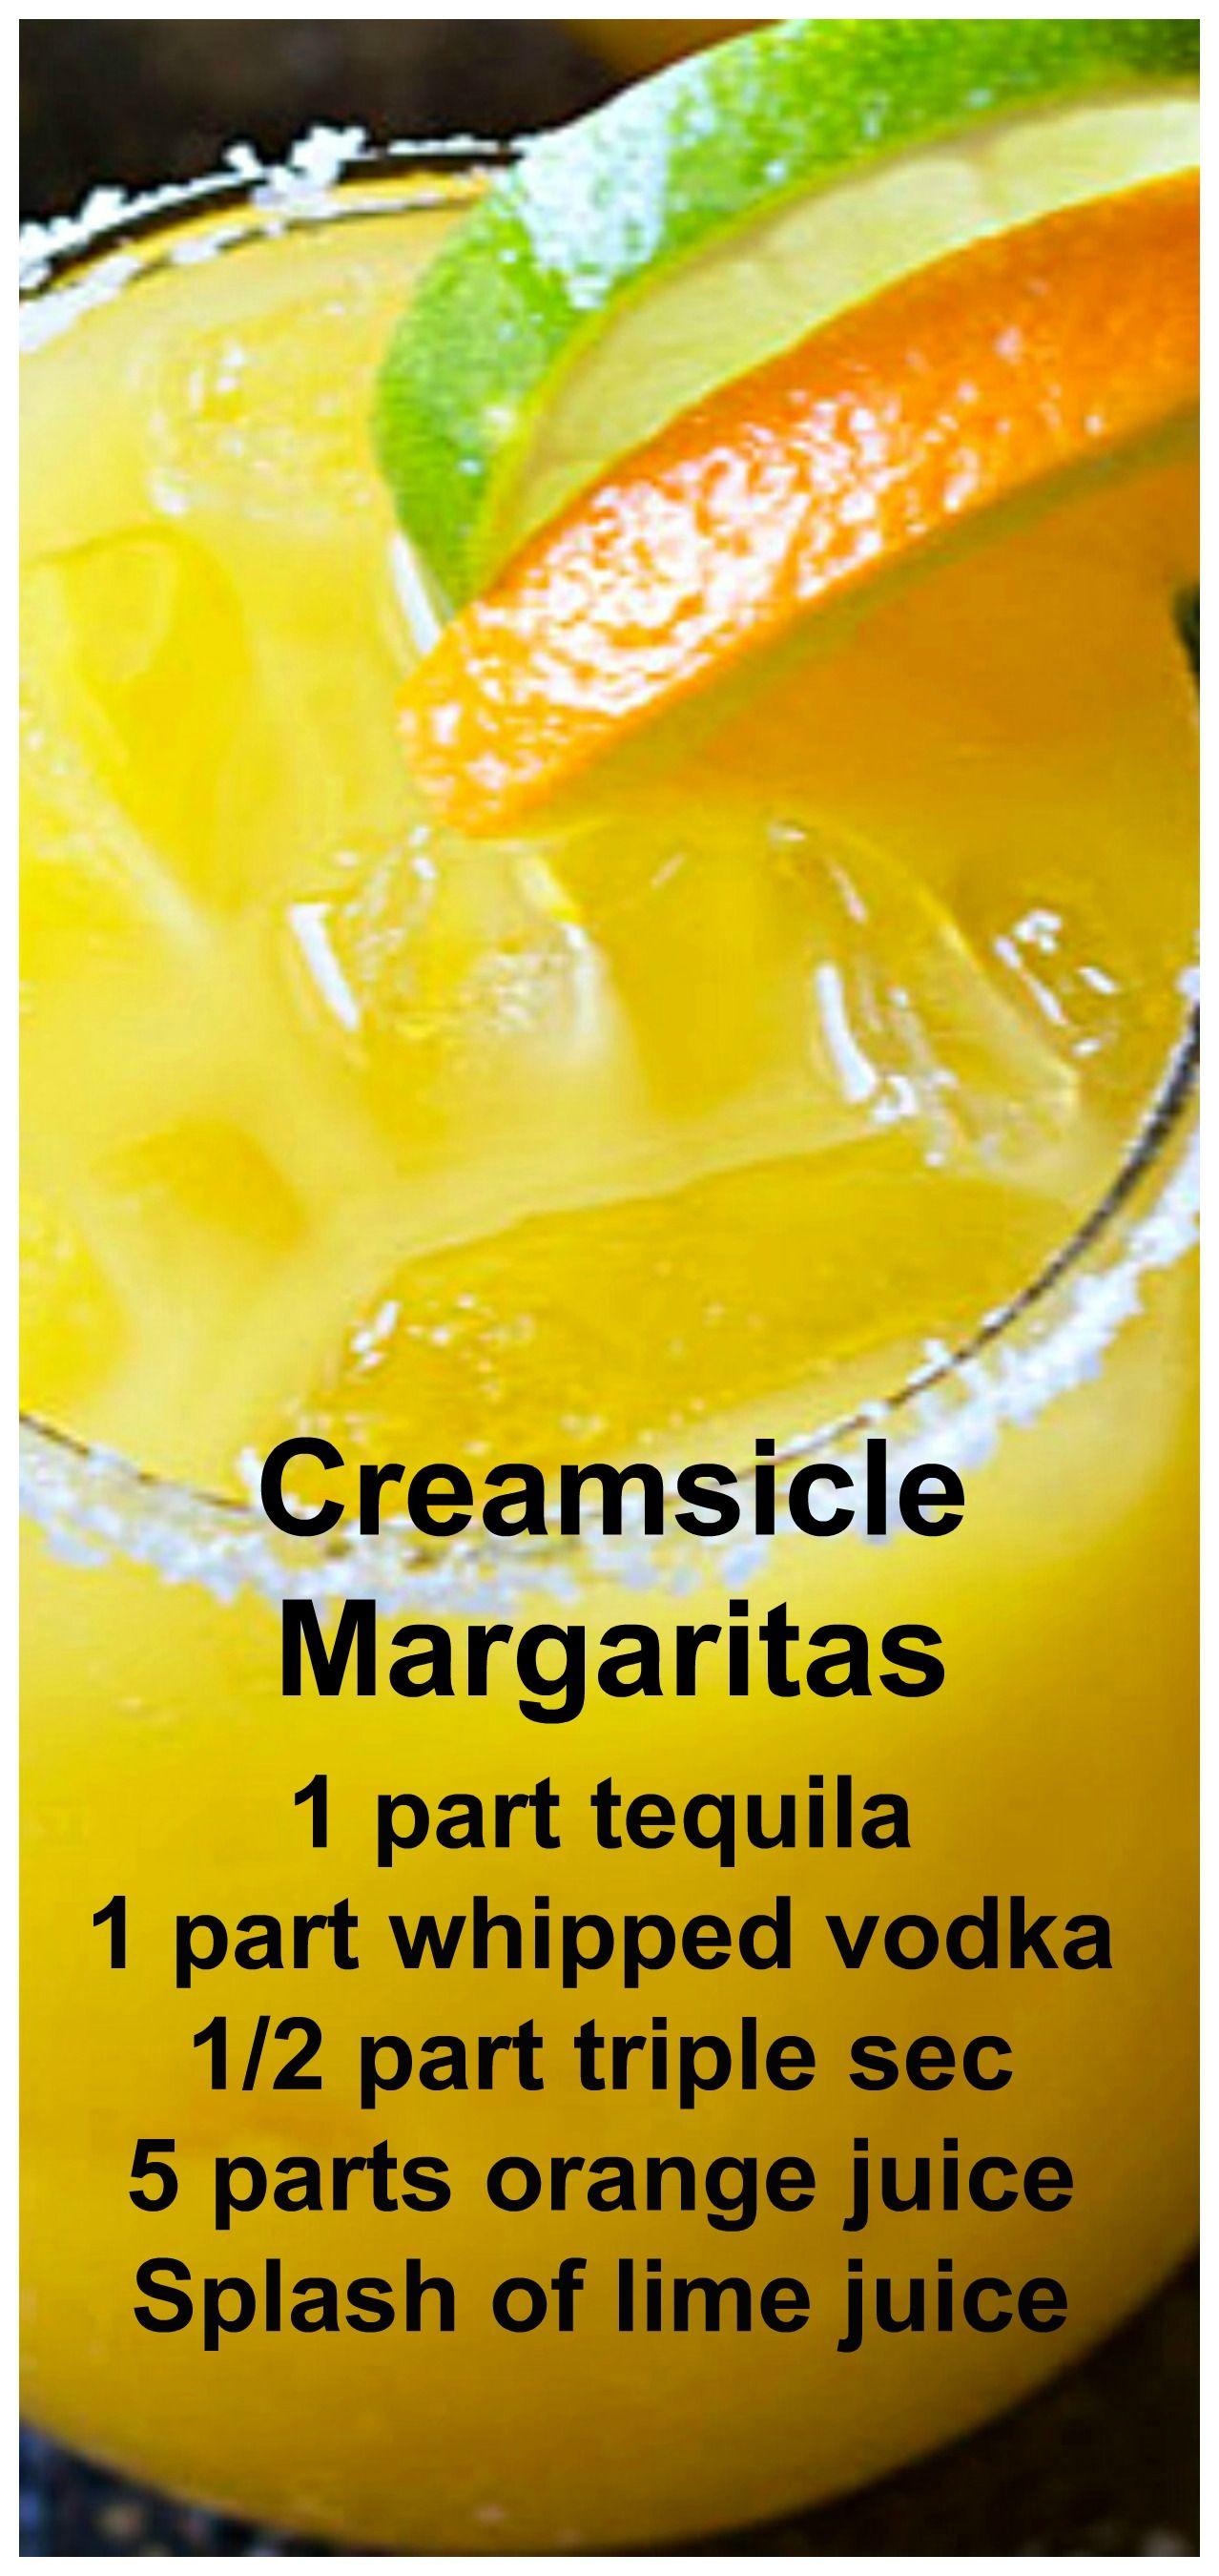 Creamsicle Margaritas #tequiladrinks